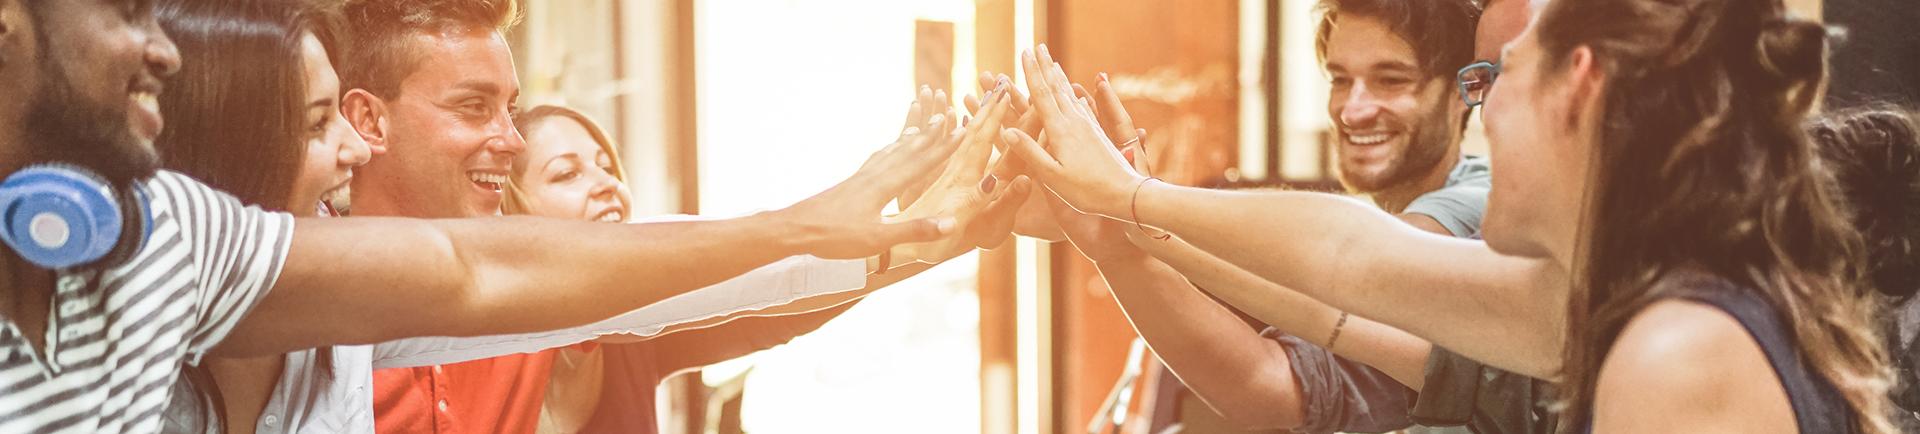 Jovens a celebrar e jovem com uma mão aberta em frente do rosto